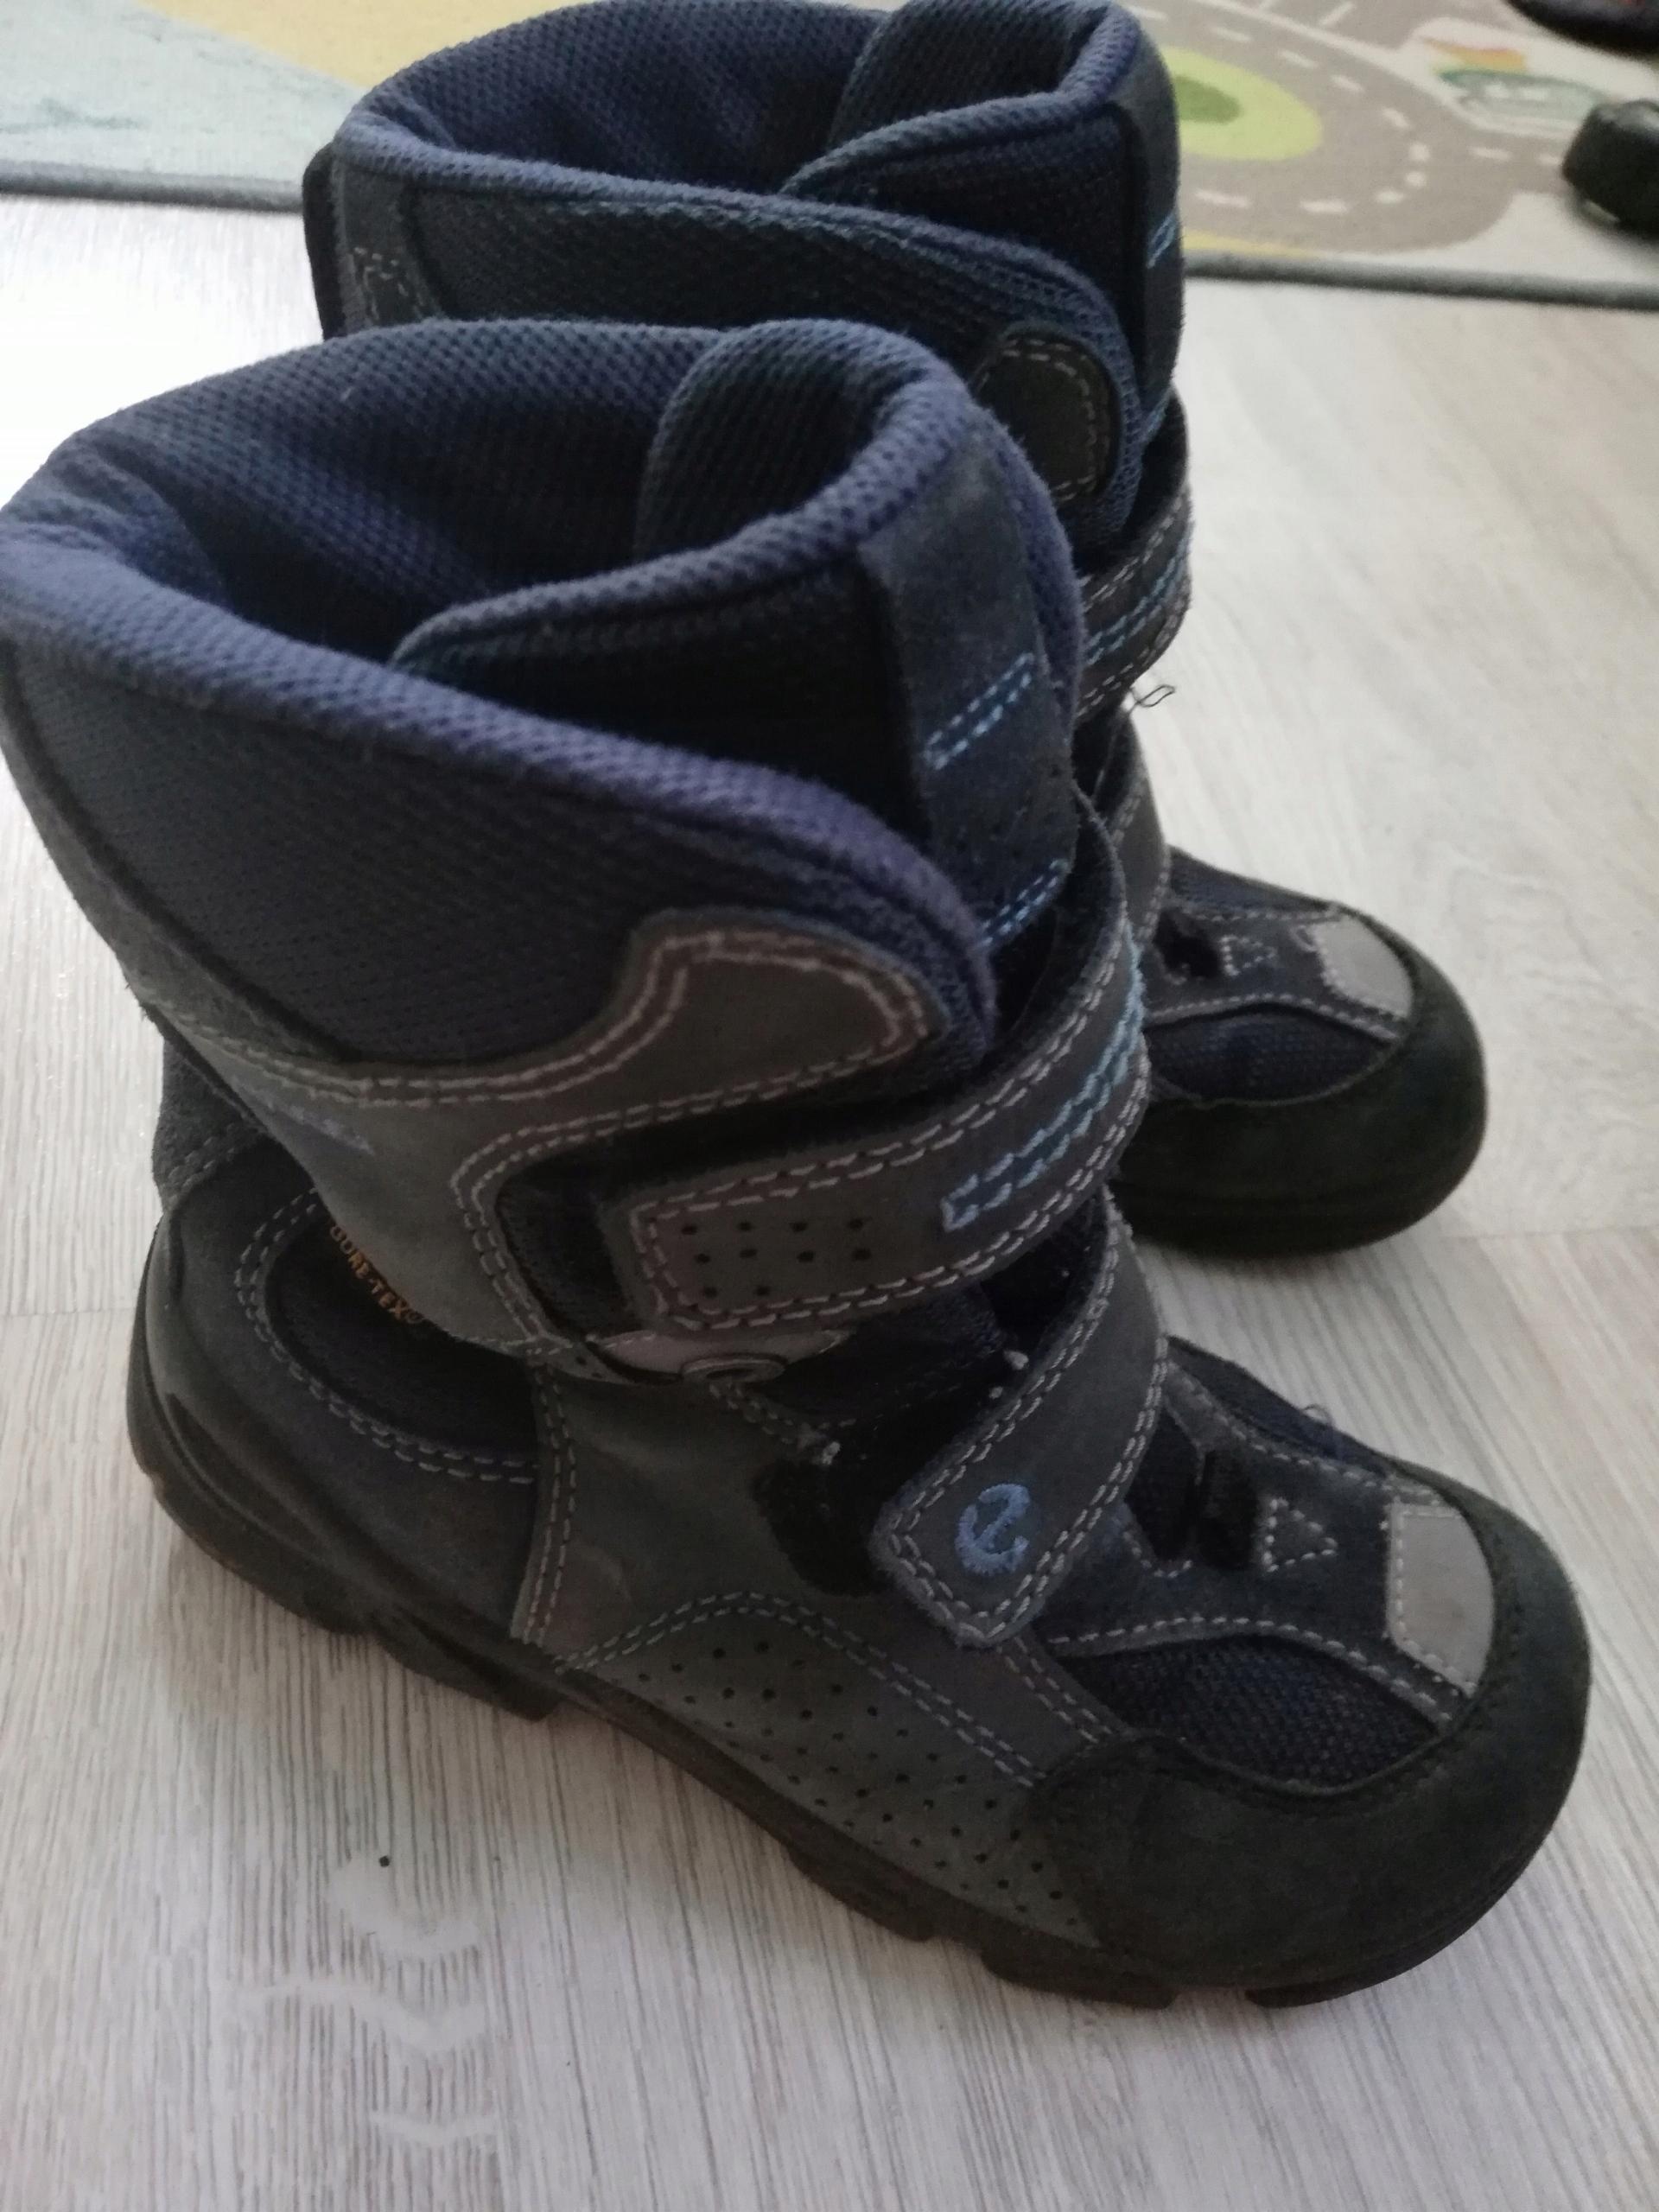 13b4d95d Ecco buty kozaki botki 30 jesień zima - 7514902657 - oficjalne ...